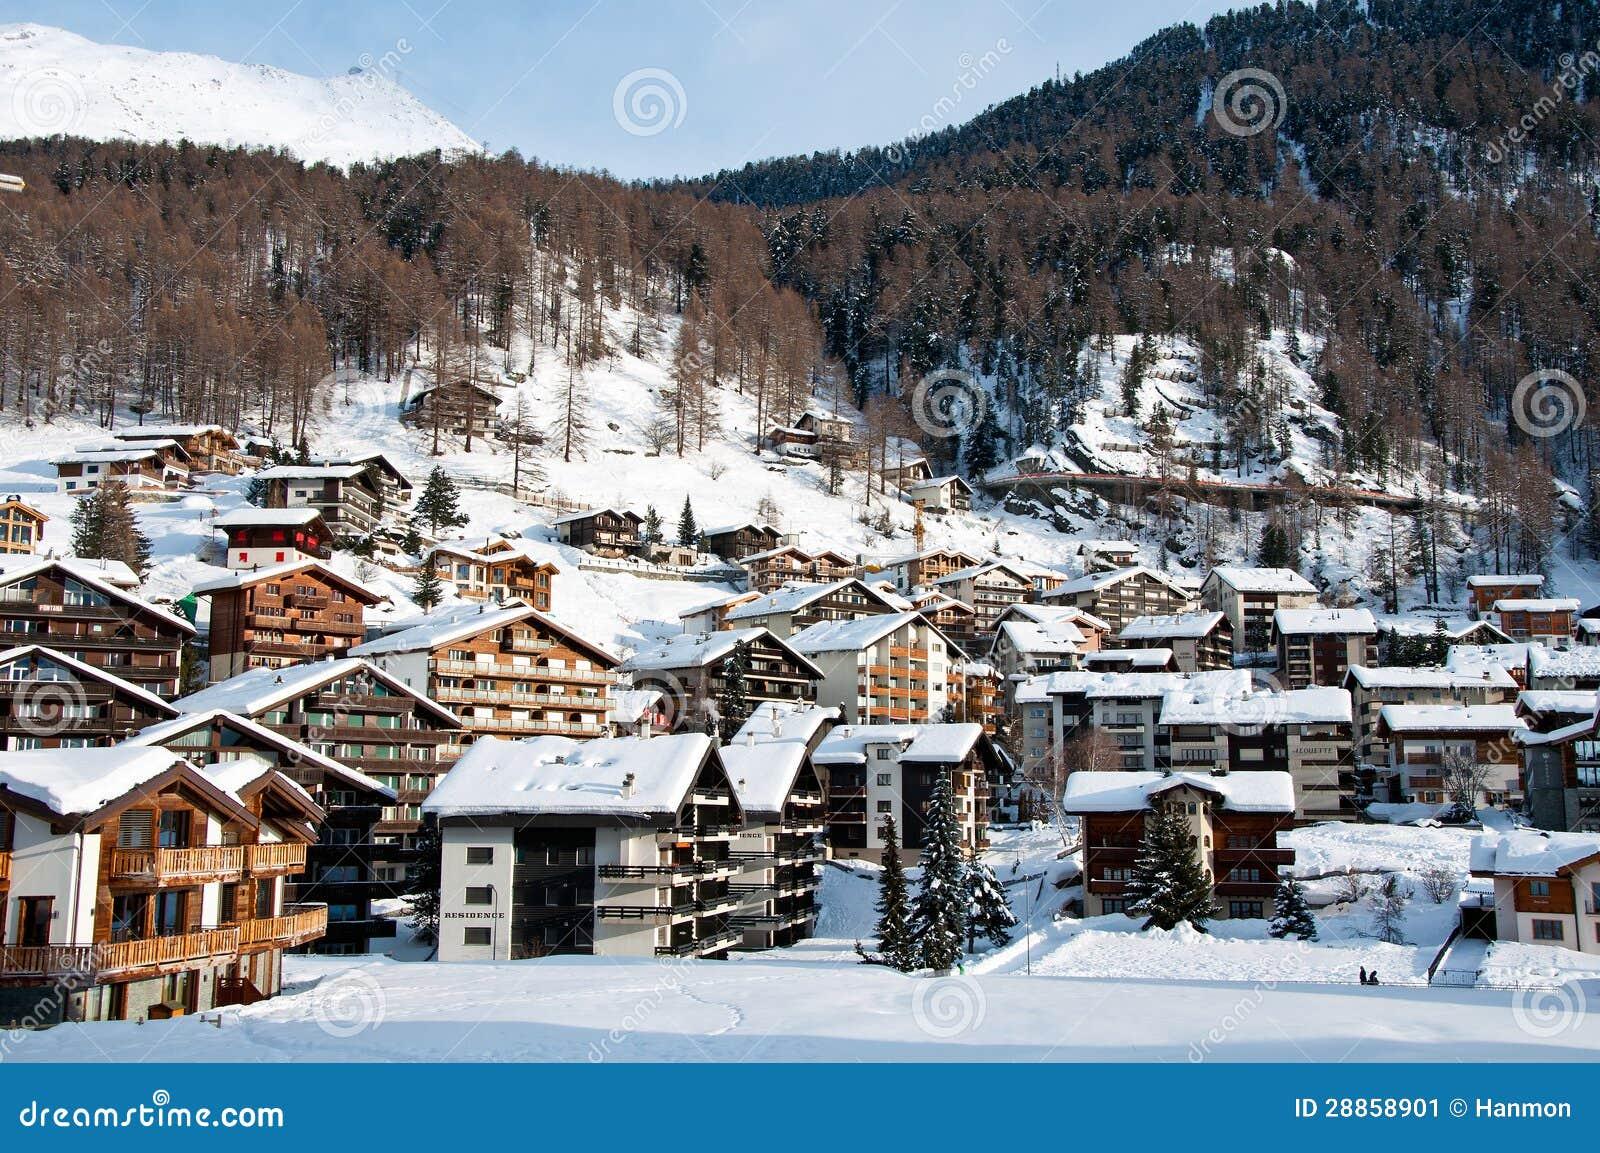 Zermatt Village In Winter Stock Image Image 28858901